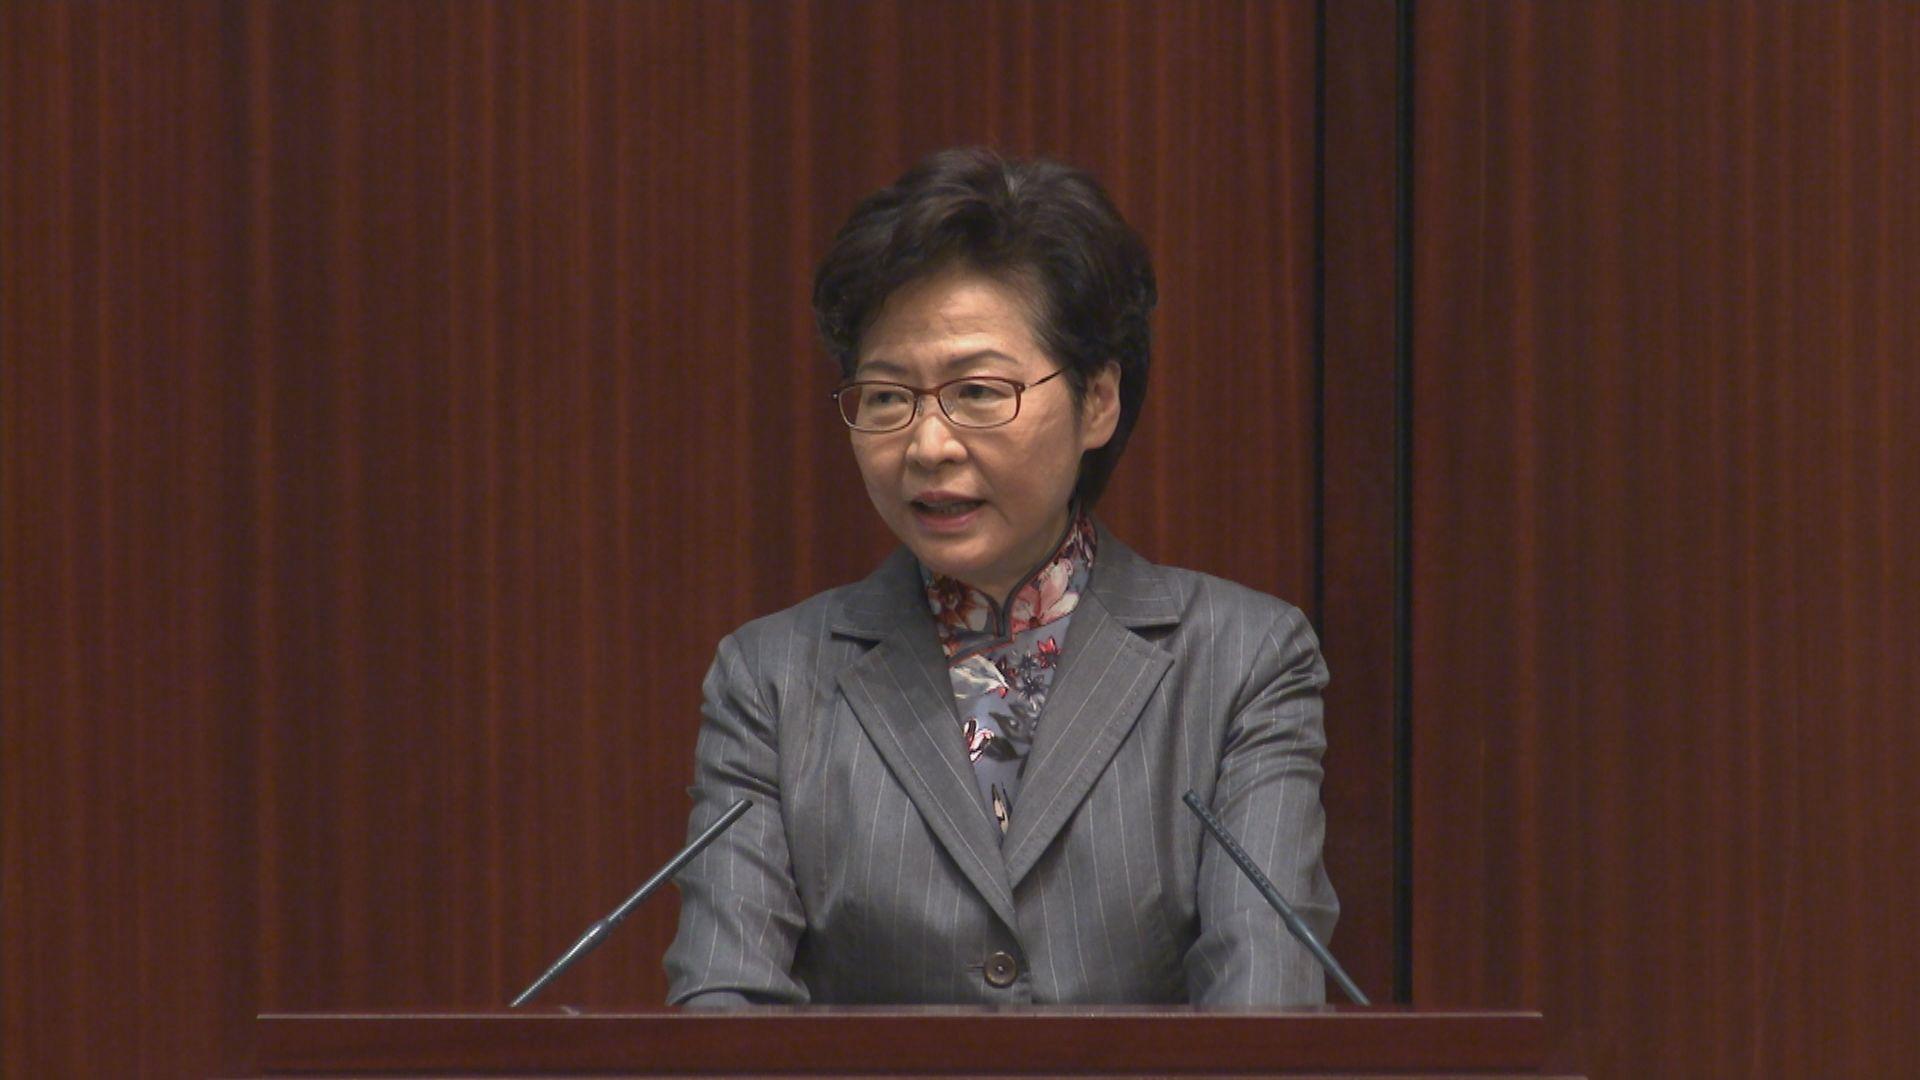 林鄭到立法會出席施政報告答問會 承諾會跟進議員意見